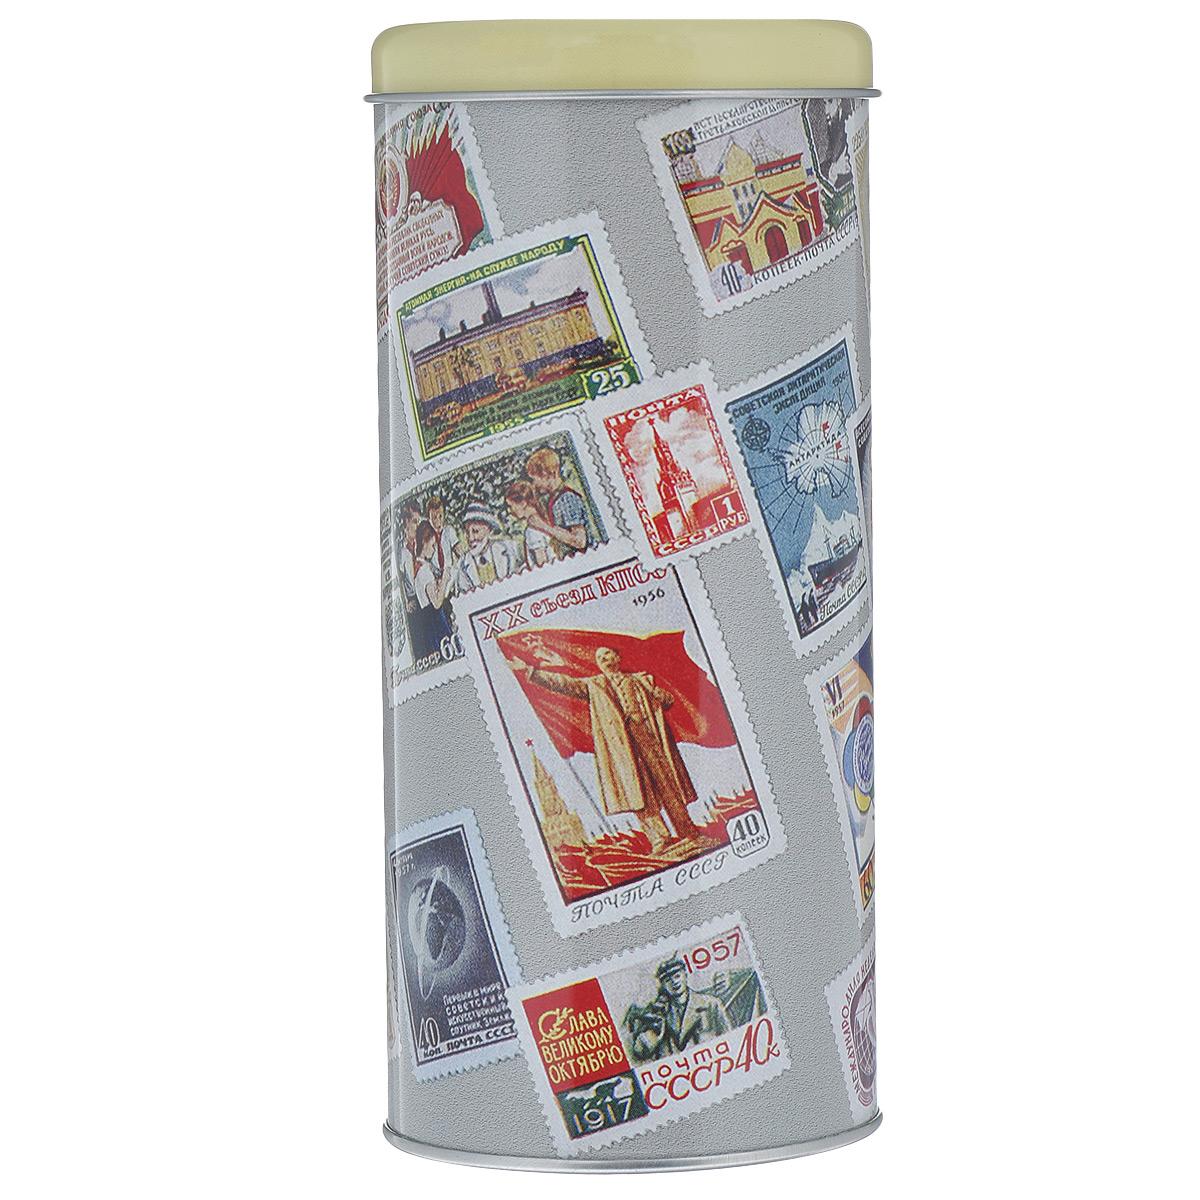 Банка для сыпучих продуктов Почтовые марки, 750 мл37623маркиБанка для сыпучих продуктов Почтовые марки изготовлена из металла и оснащена крышкой. Корпус банки оформлен рисунком с изображением различных почтовых марок. Изделие идеально подойдет для хранения чая, кофе, сахара или других сыпучих продуктов. Банка сохраняет продукты свежими и ароматными на длительное время. Функциональная и вместительная, такая банка станет незаменимым аксессуаром и стильно оформит интерьер кухни. Объем: 750 мл.